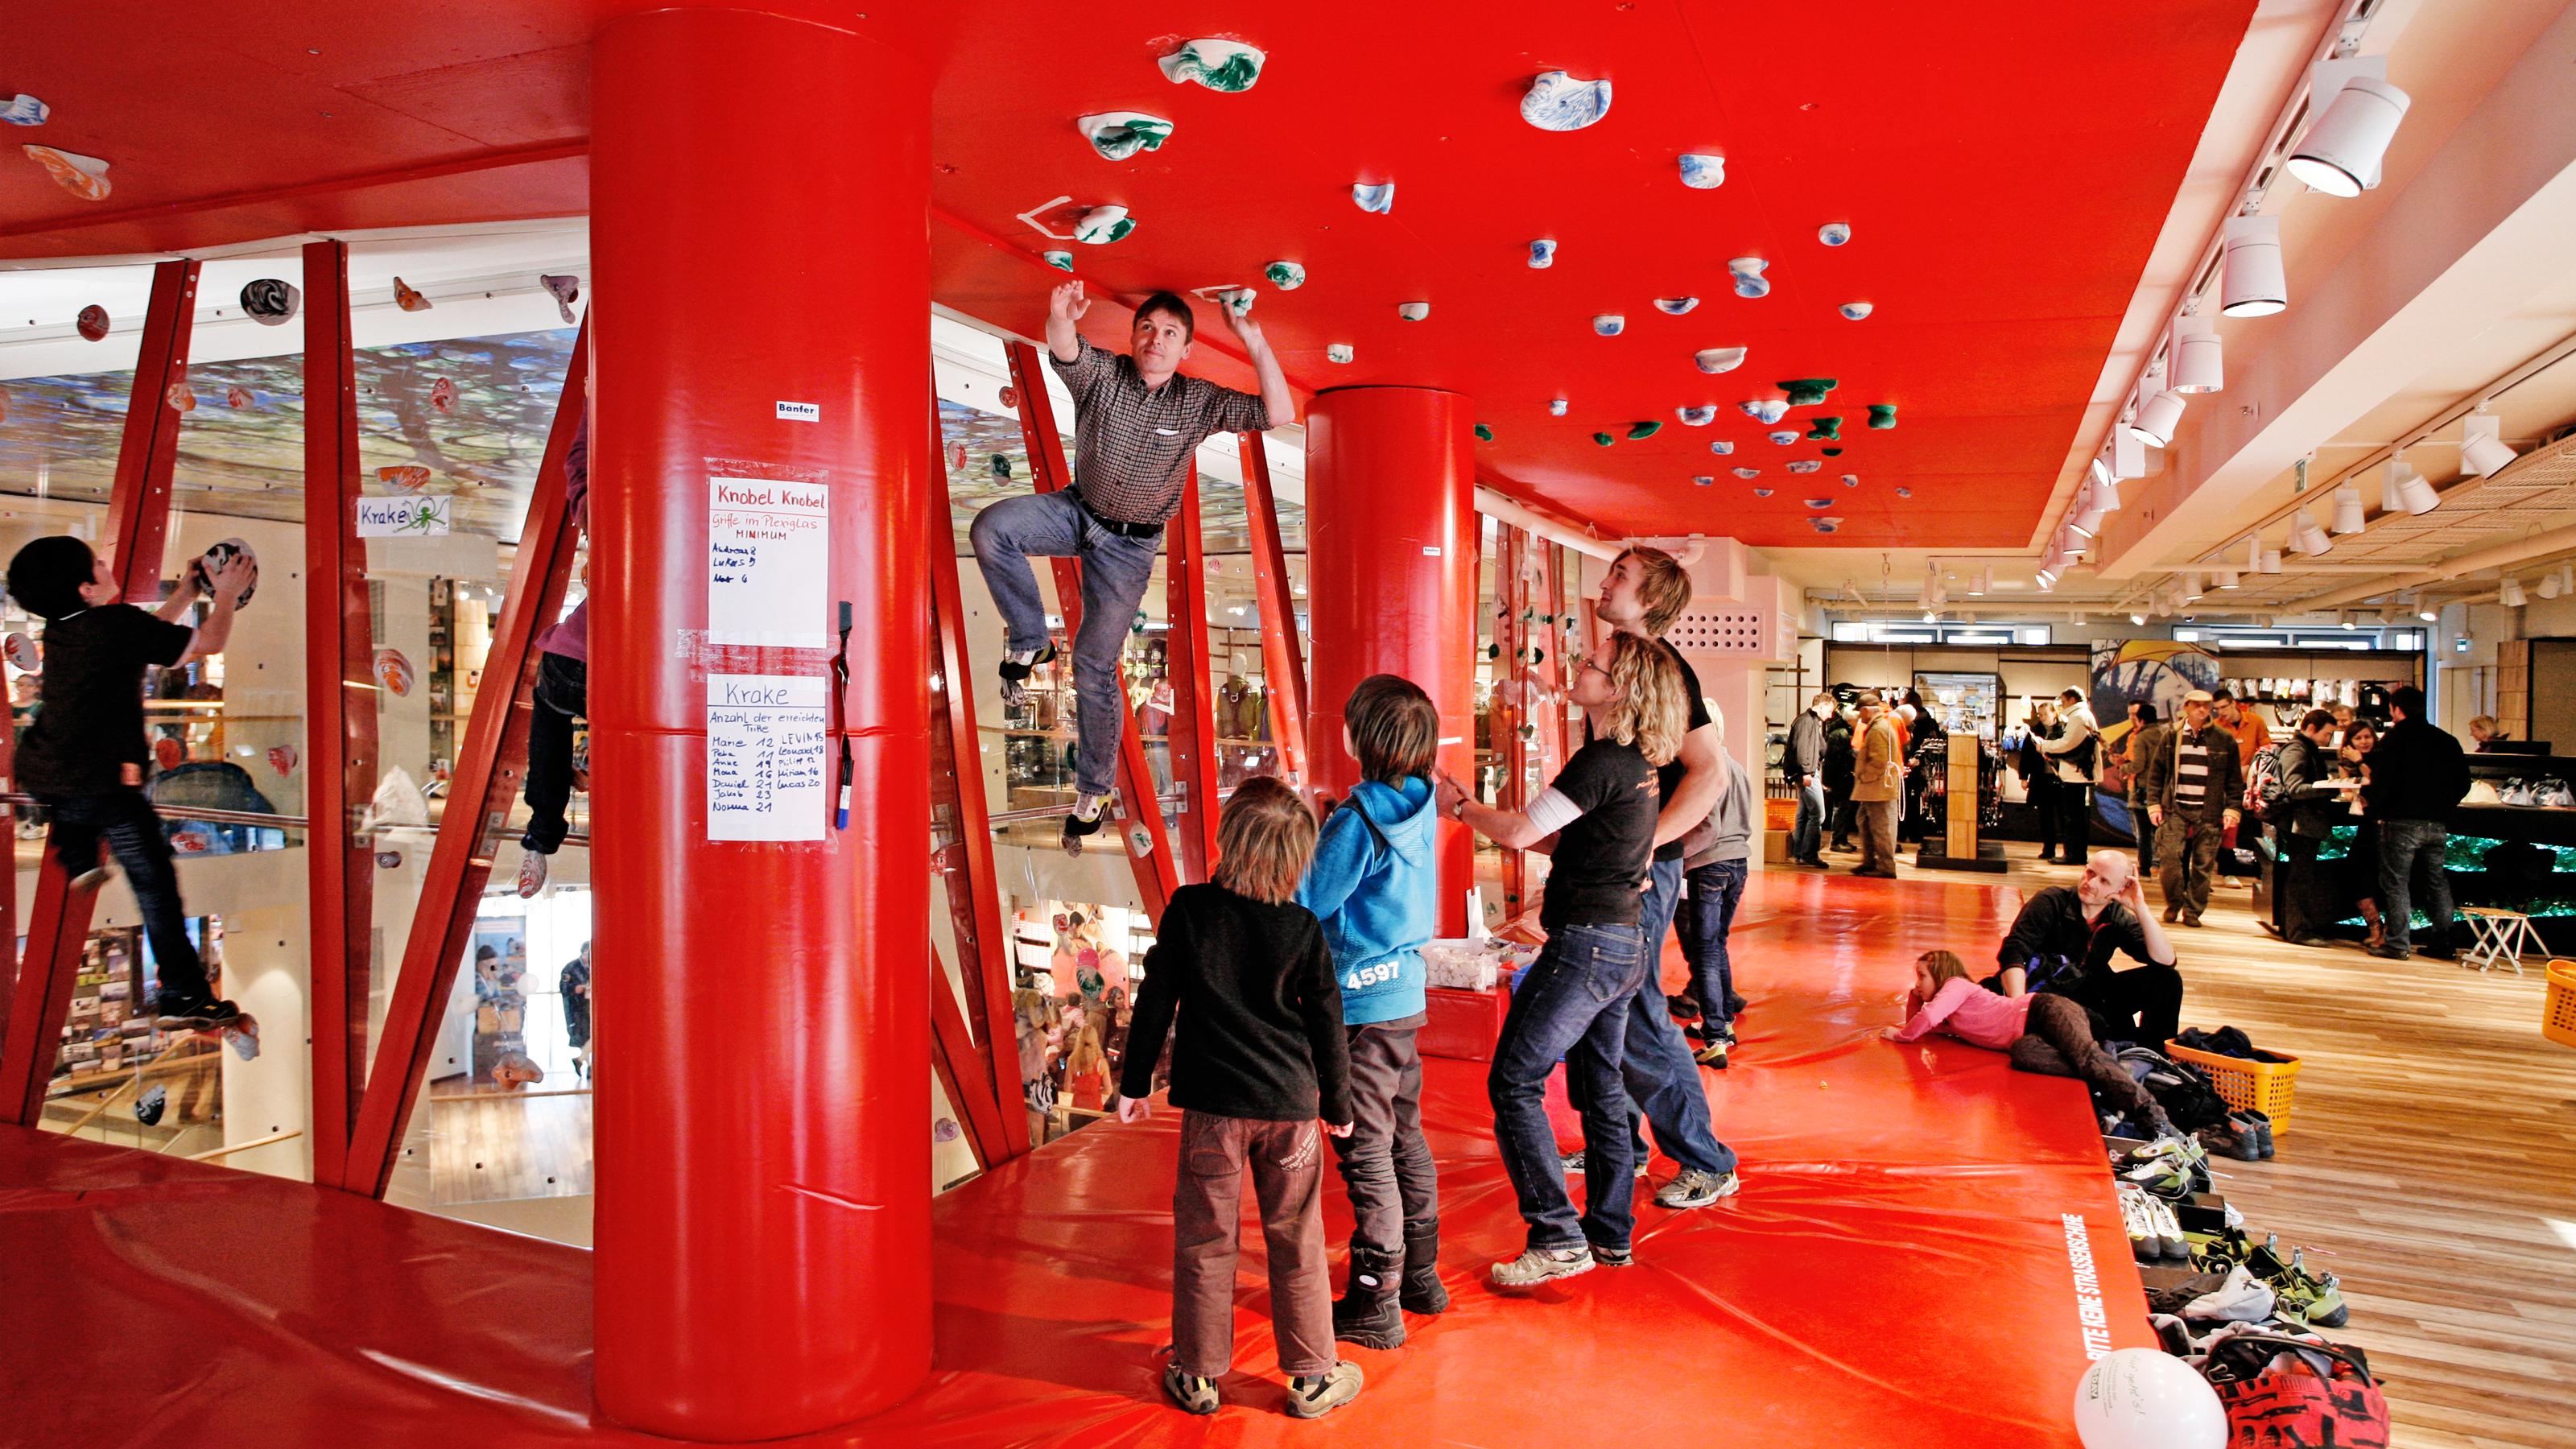 Kletterausrüstung Globetrotter : Presseinfo filiale münchen globetrotter.de